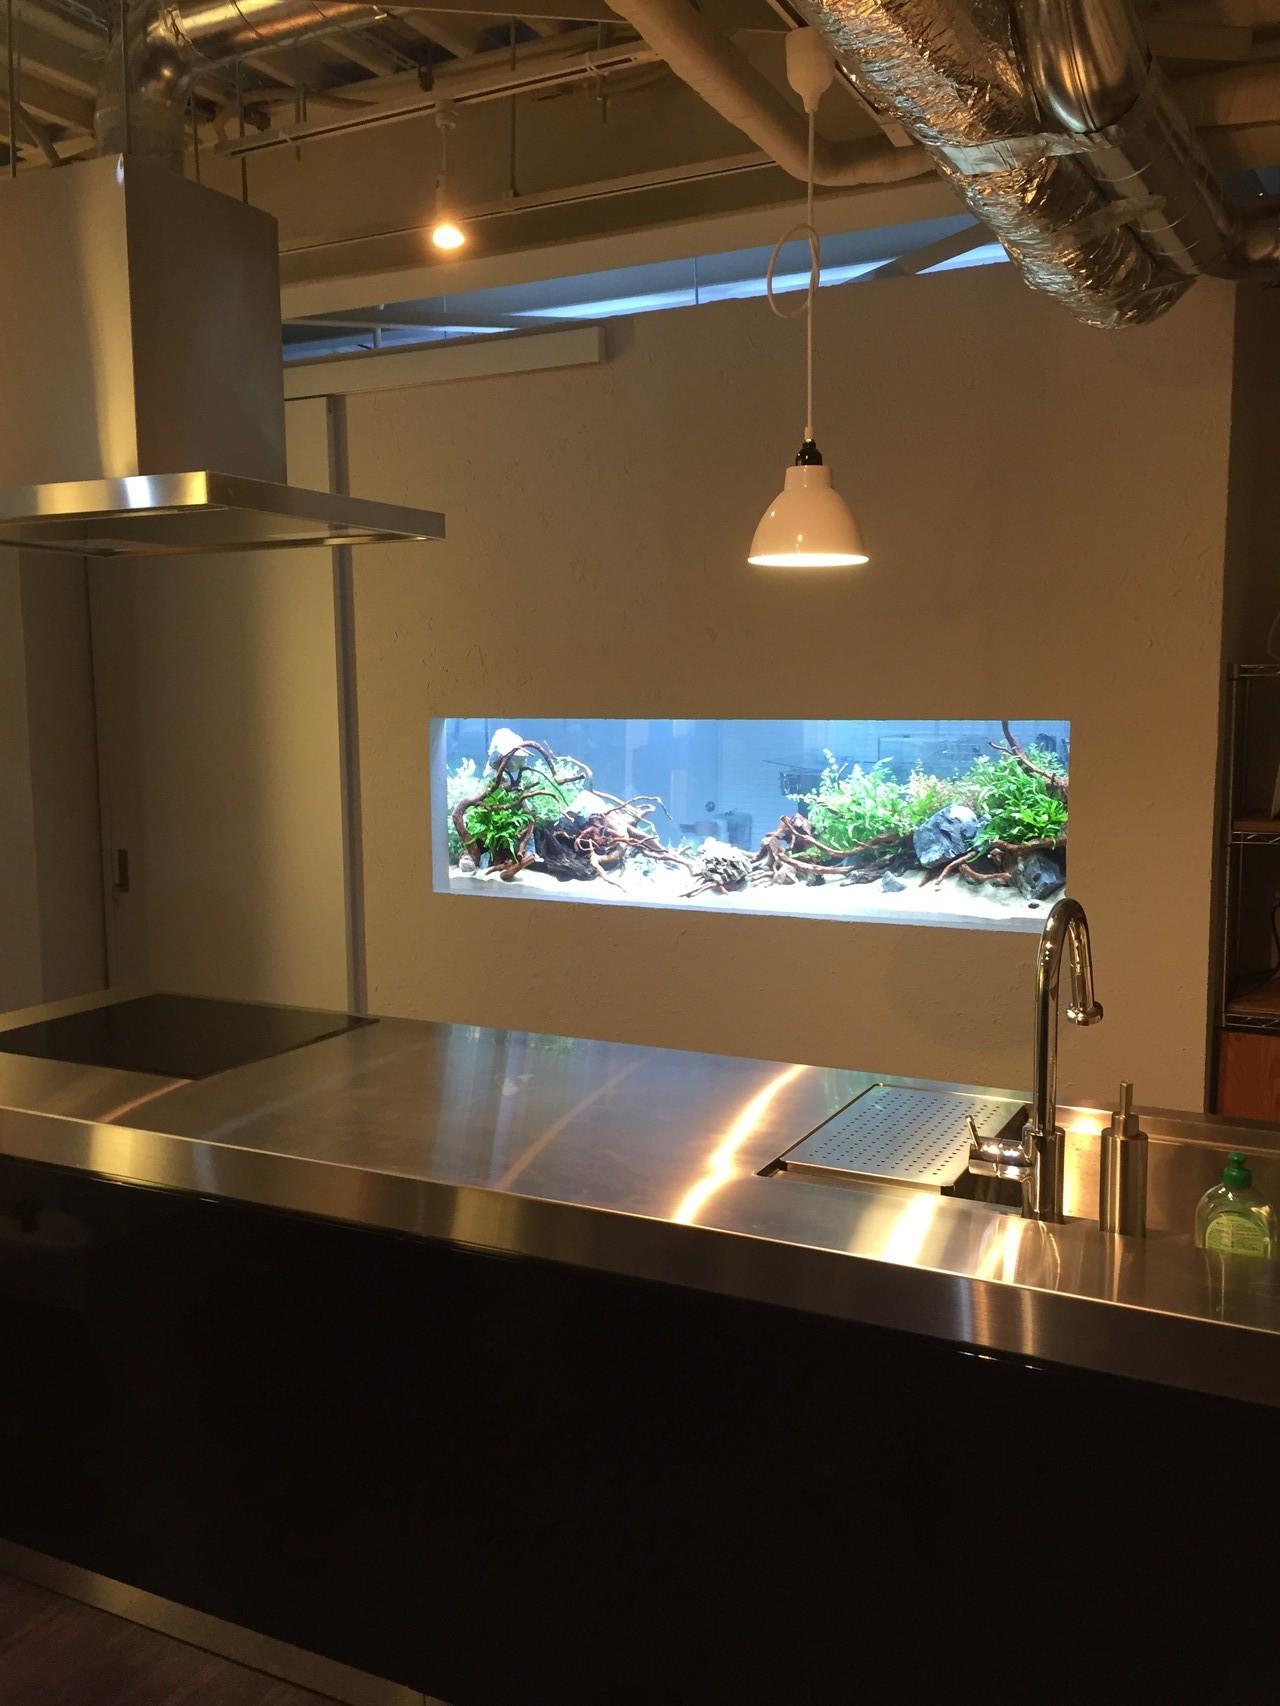 中野のキッチンスタジオが完成しました。正面の壁には、大きな水槽が組み込まれています。